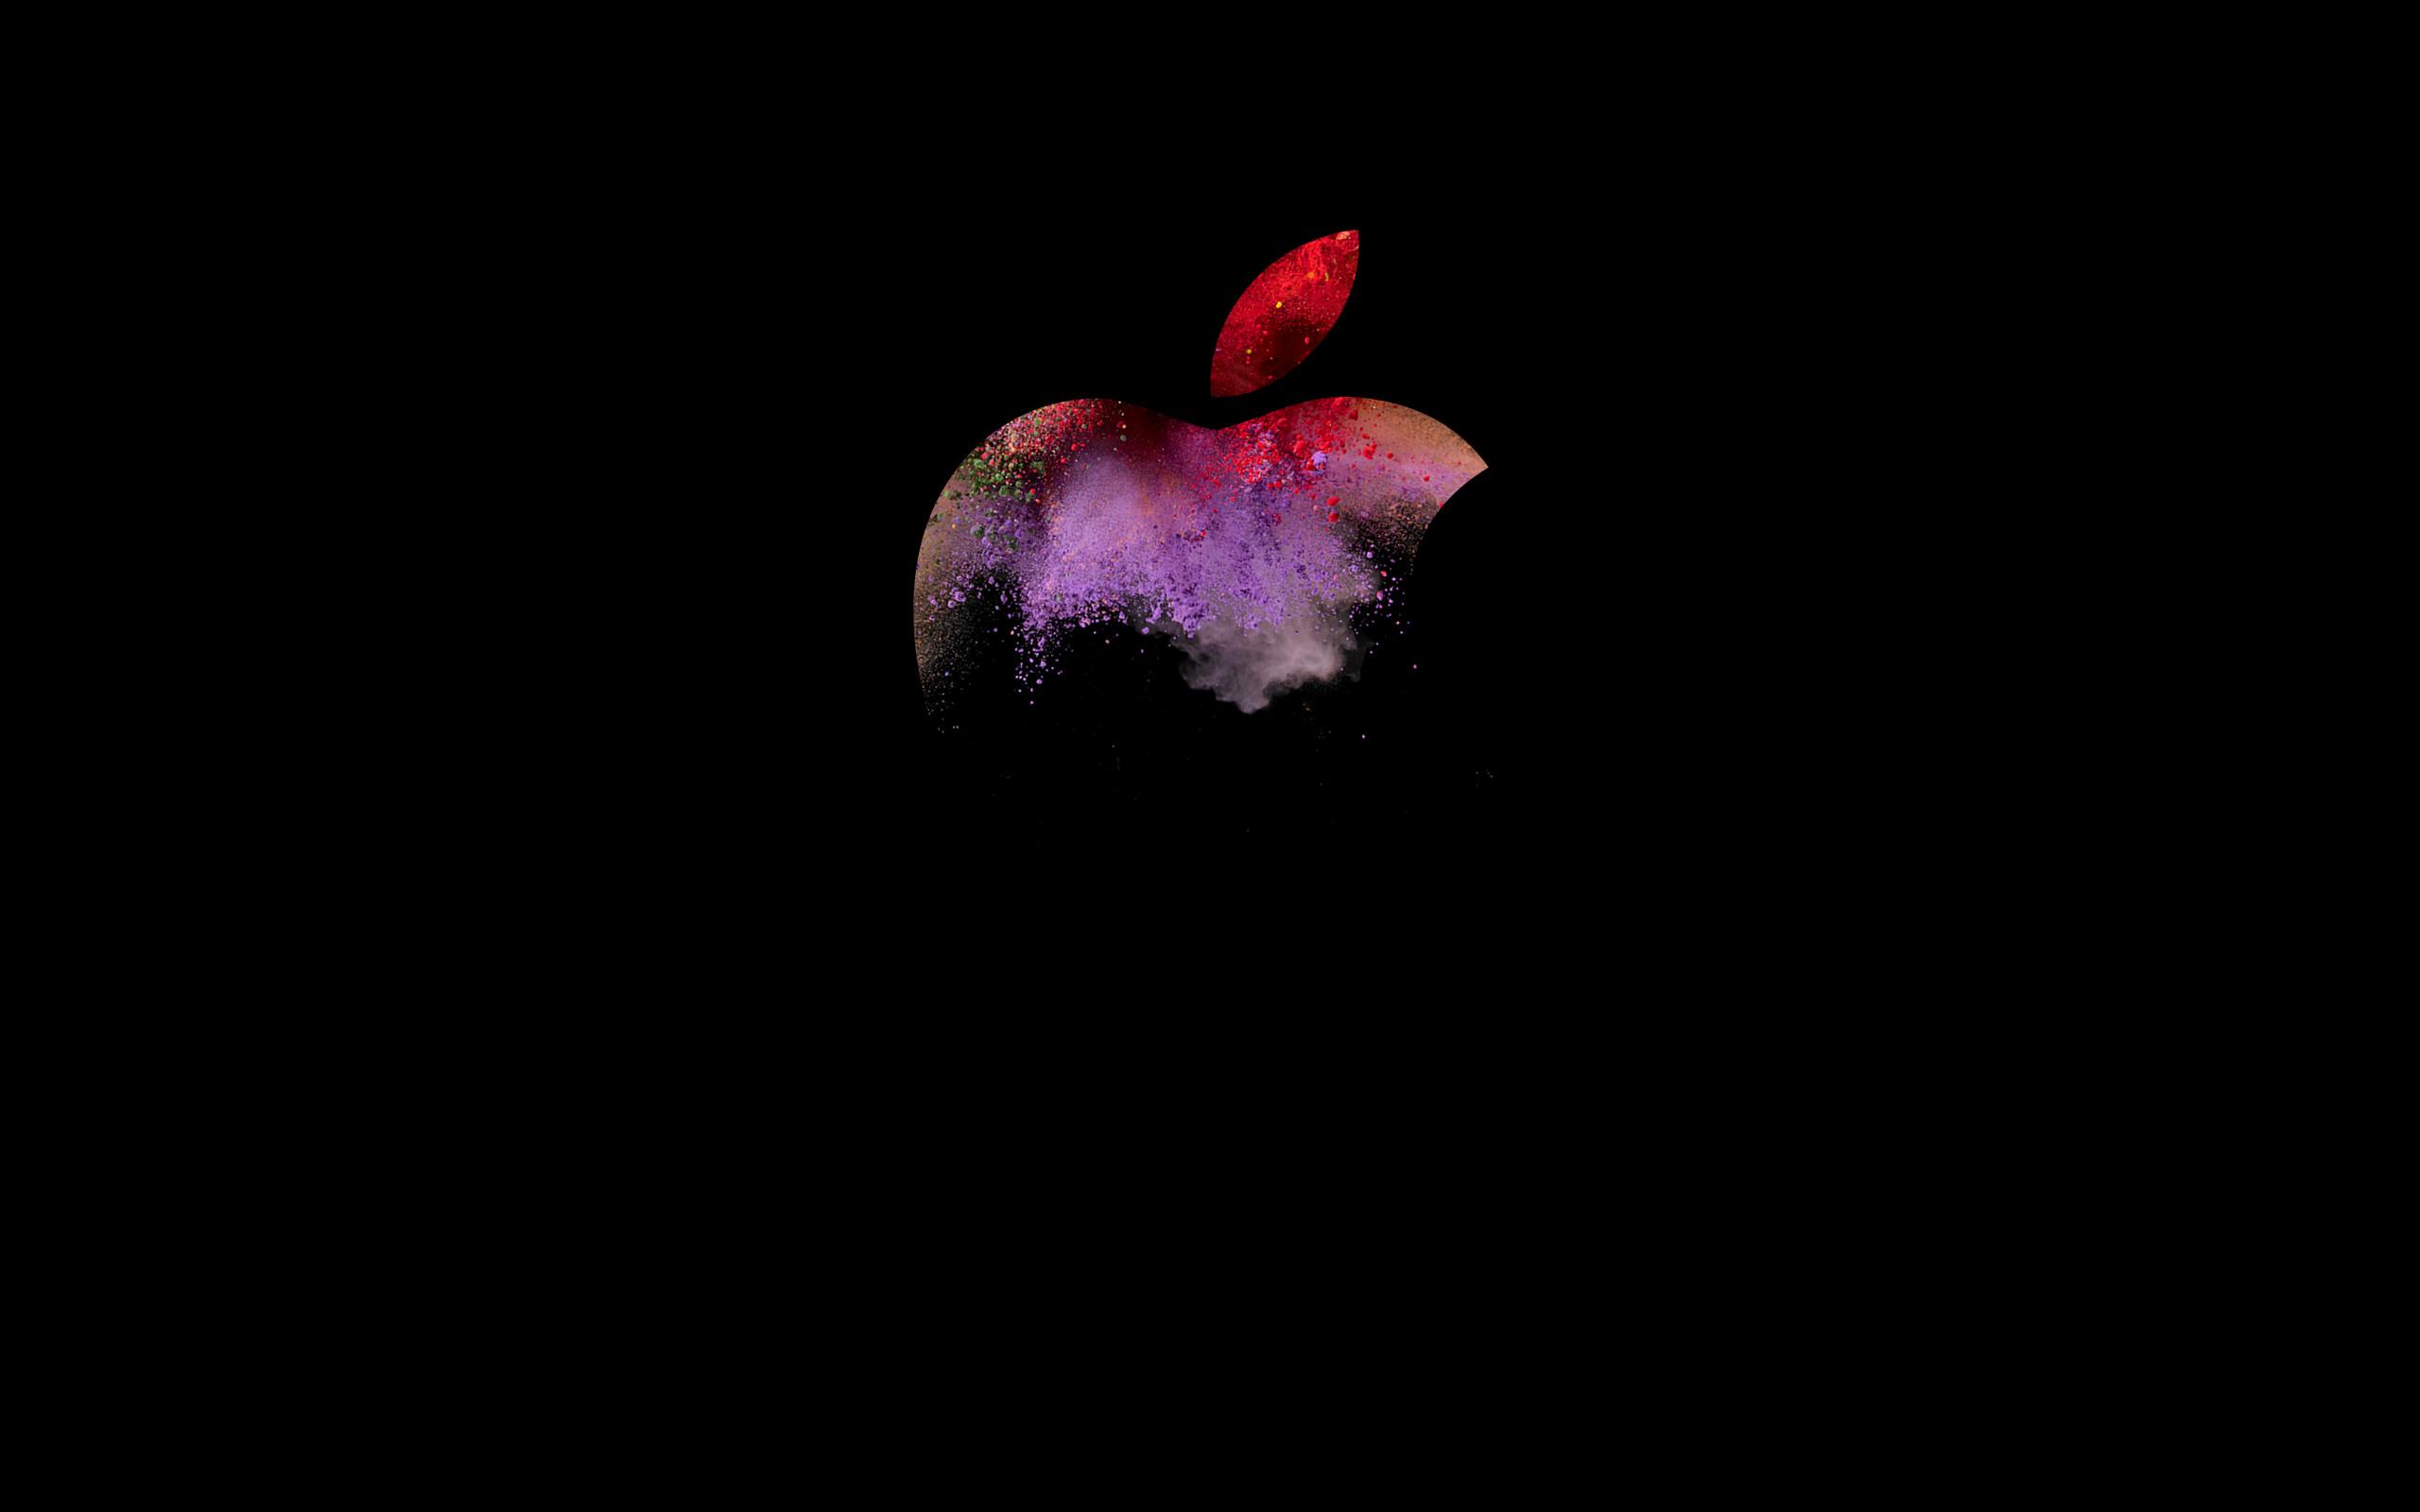 Почему октябрьская презентация Apple вызвала большой восторг у публики [лонгрид] - фото 1 | Сервисный центр Total Apple